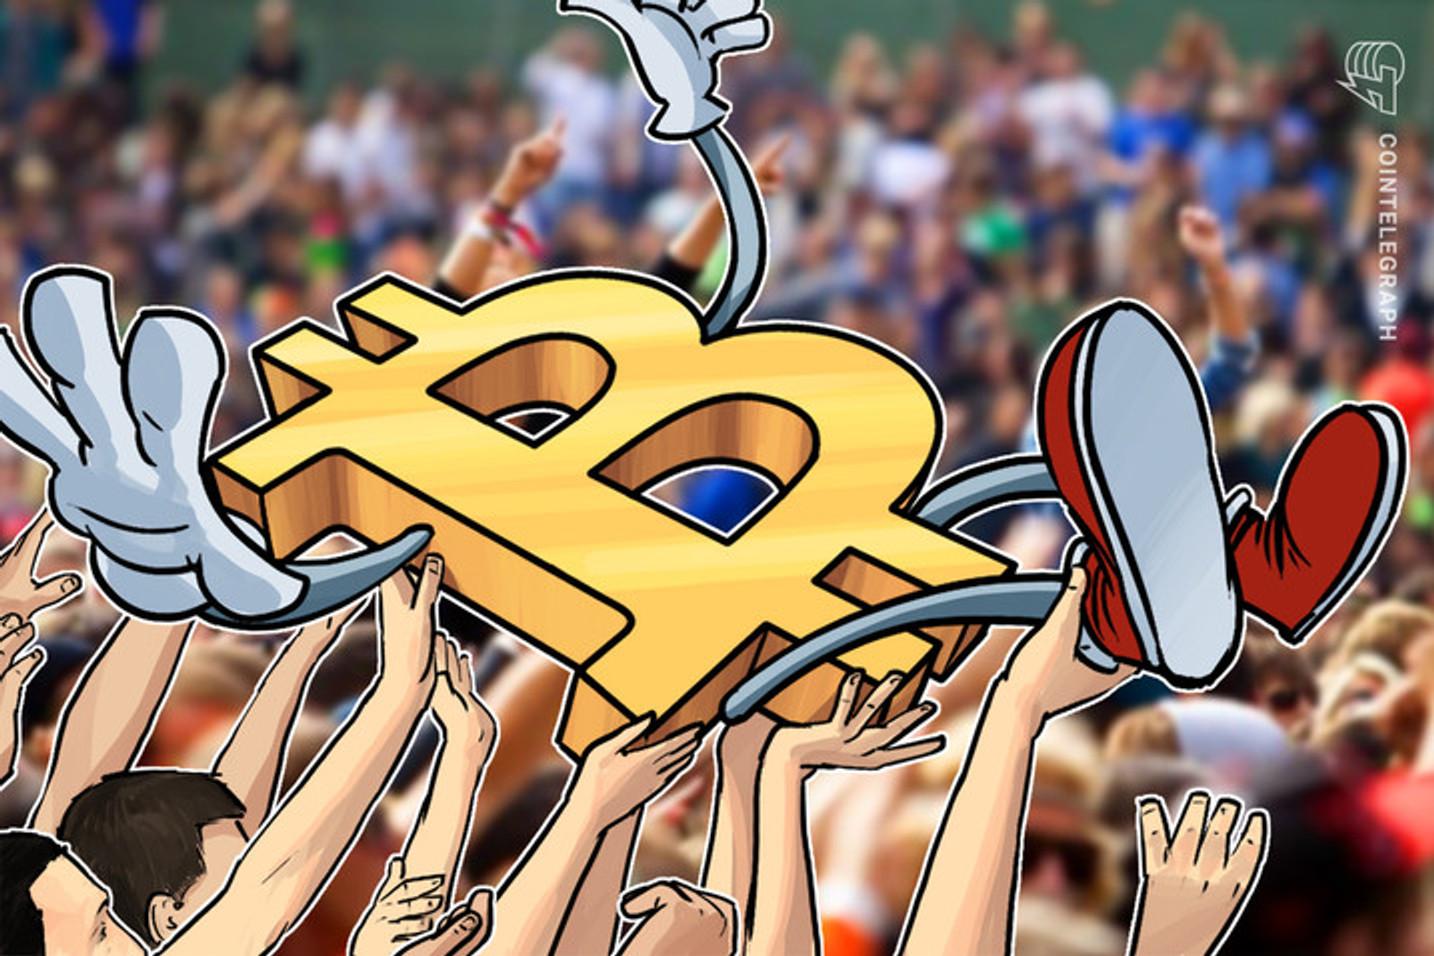 Depois de levar 12 anos para chegar em US$ 50 mil, Bitcoin pode superar US$ 100 mil em três meses